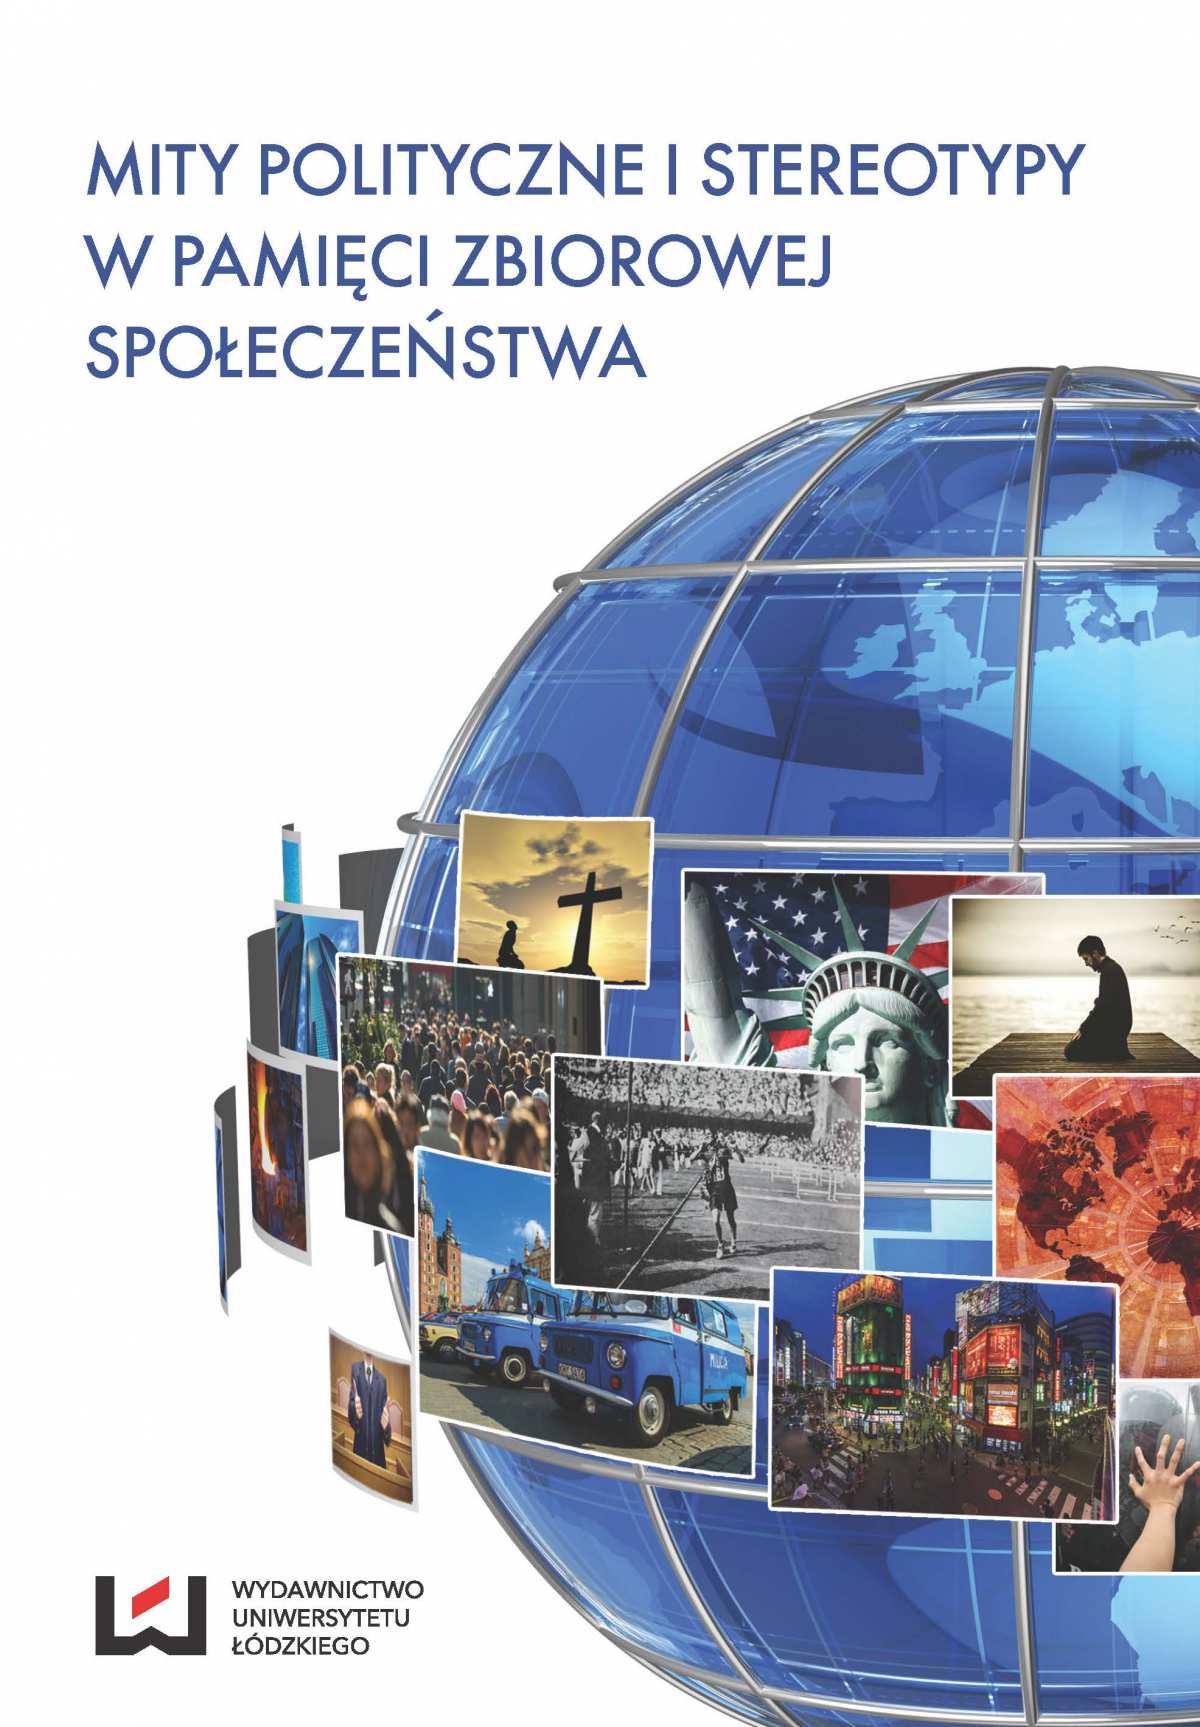 Mity polityczne i stereotypy w pamięci zbiorowej społeczeństwa - Ebook (Książka PDF) do pobrania w formacie PDF